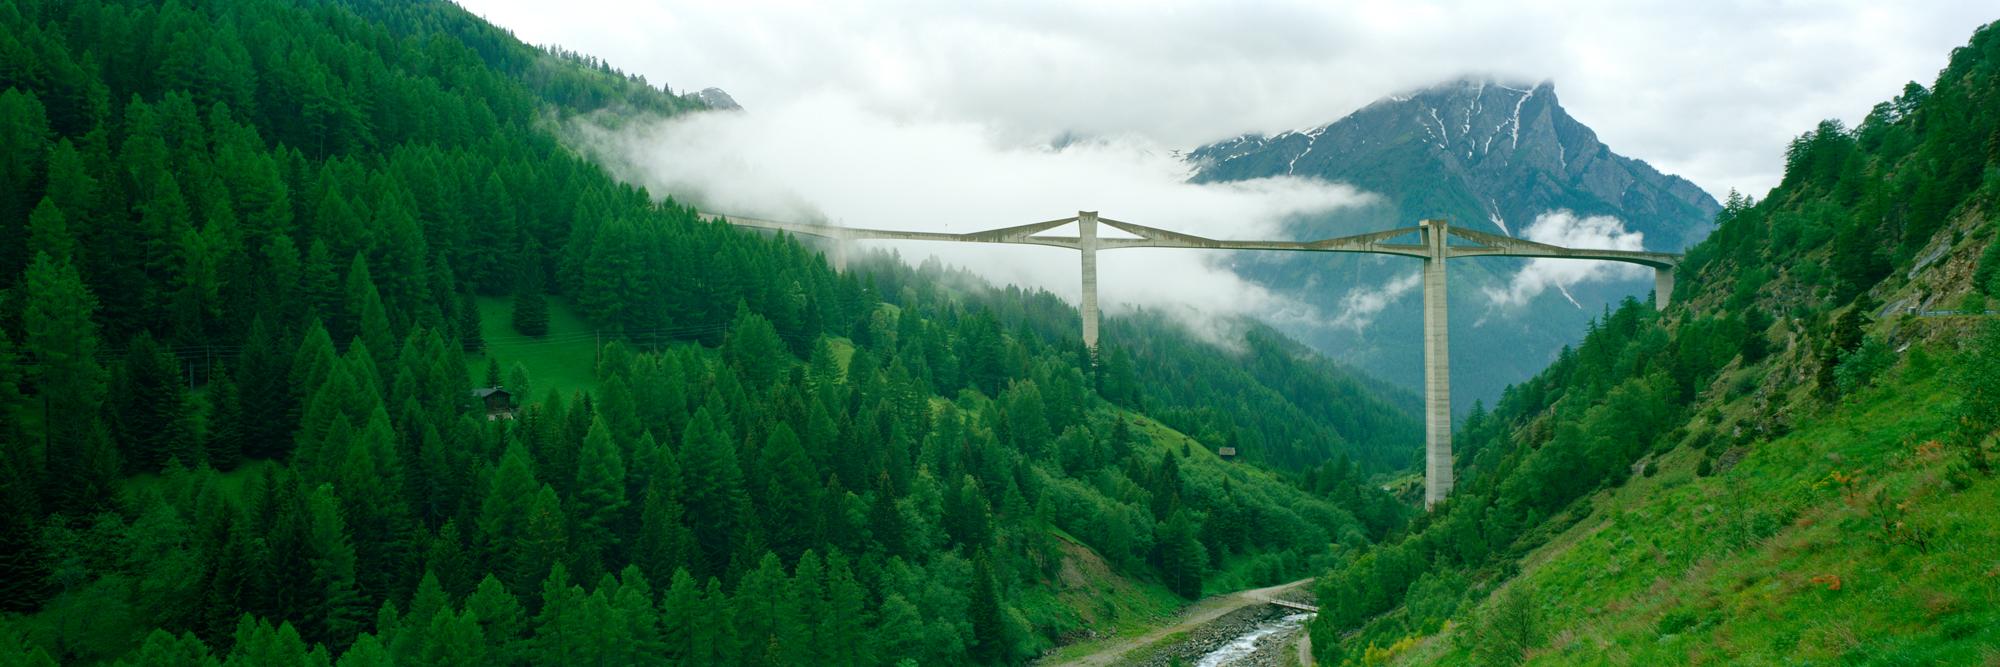 Der deutsche Fotograf Markus Bollen hat für seine Serie zum Thema Brücken die Ganterbrücke, welche über das Gantertal führt und Teil der Nationalstraße Nummer 9 ist, fotografiert.